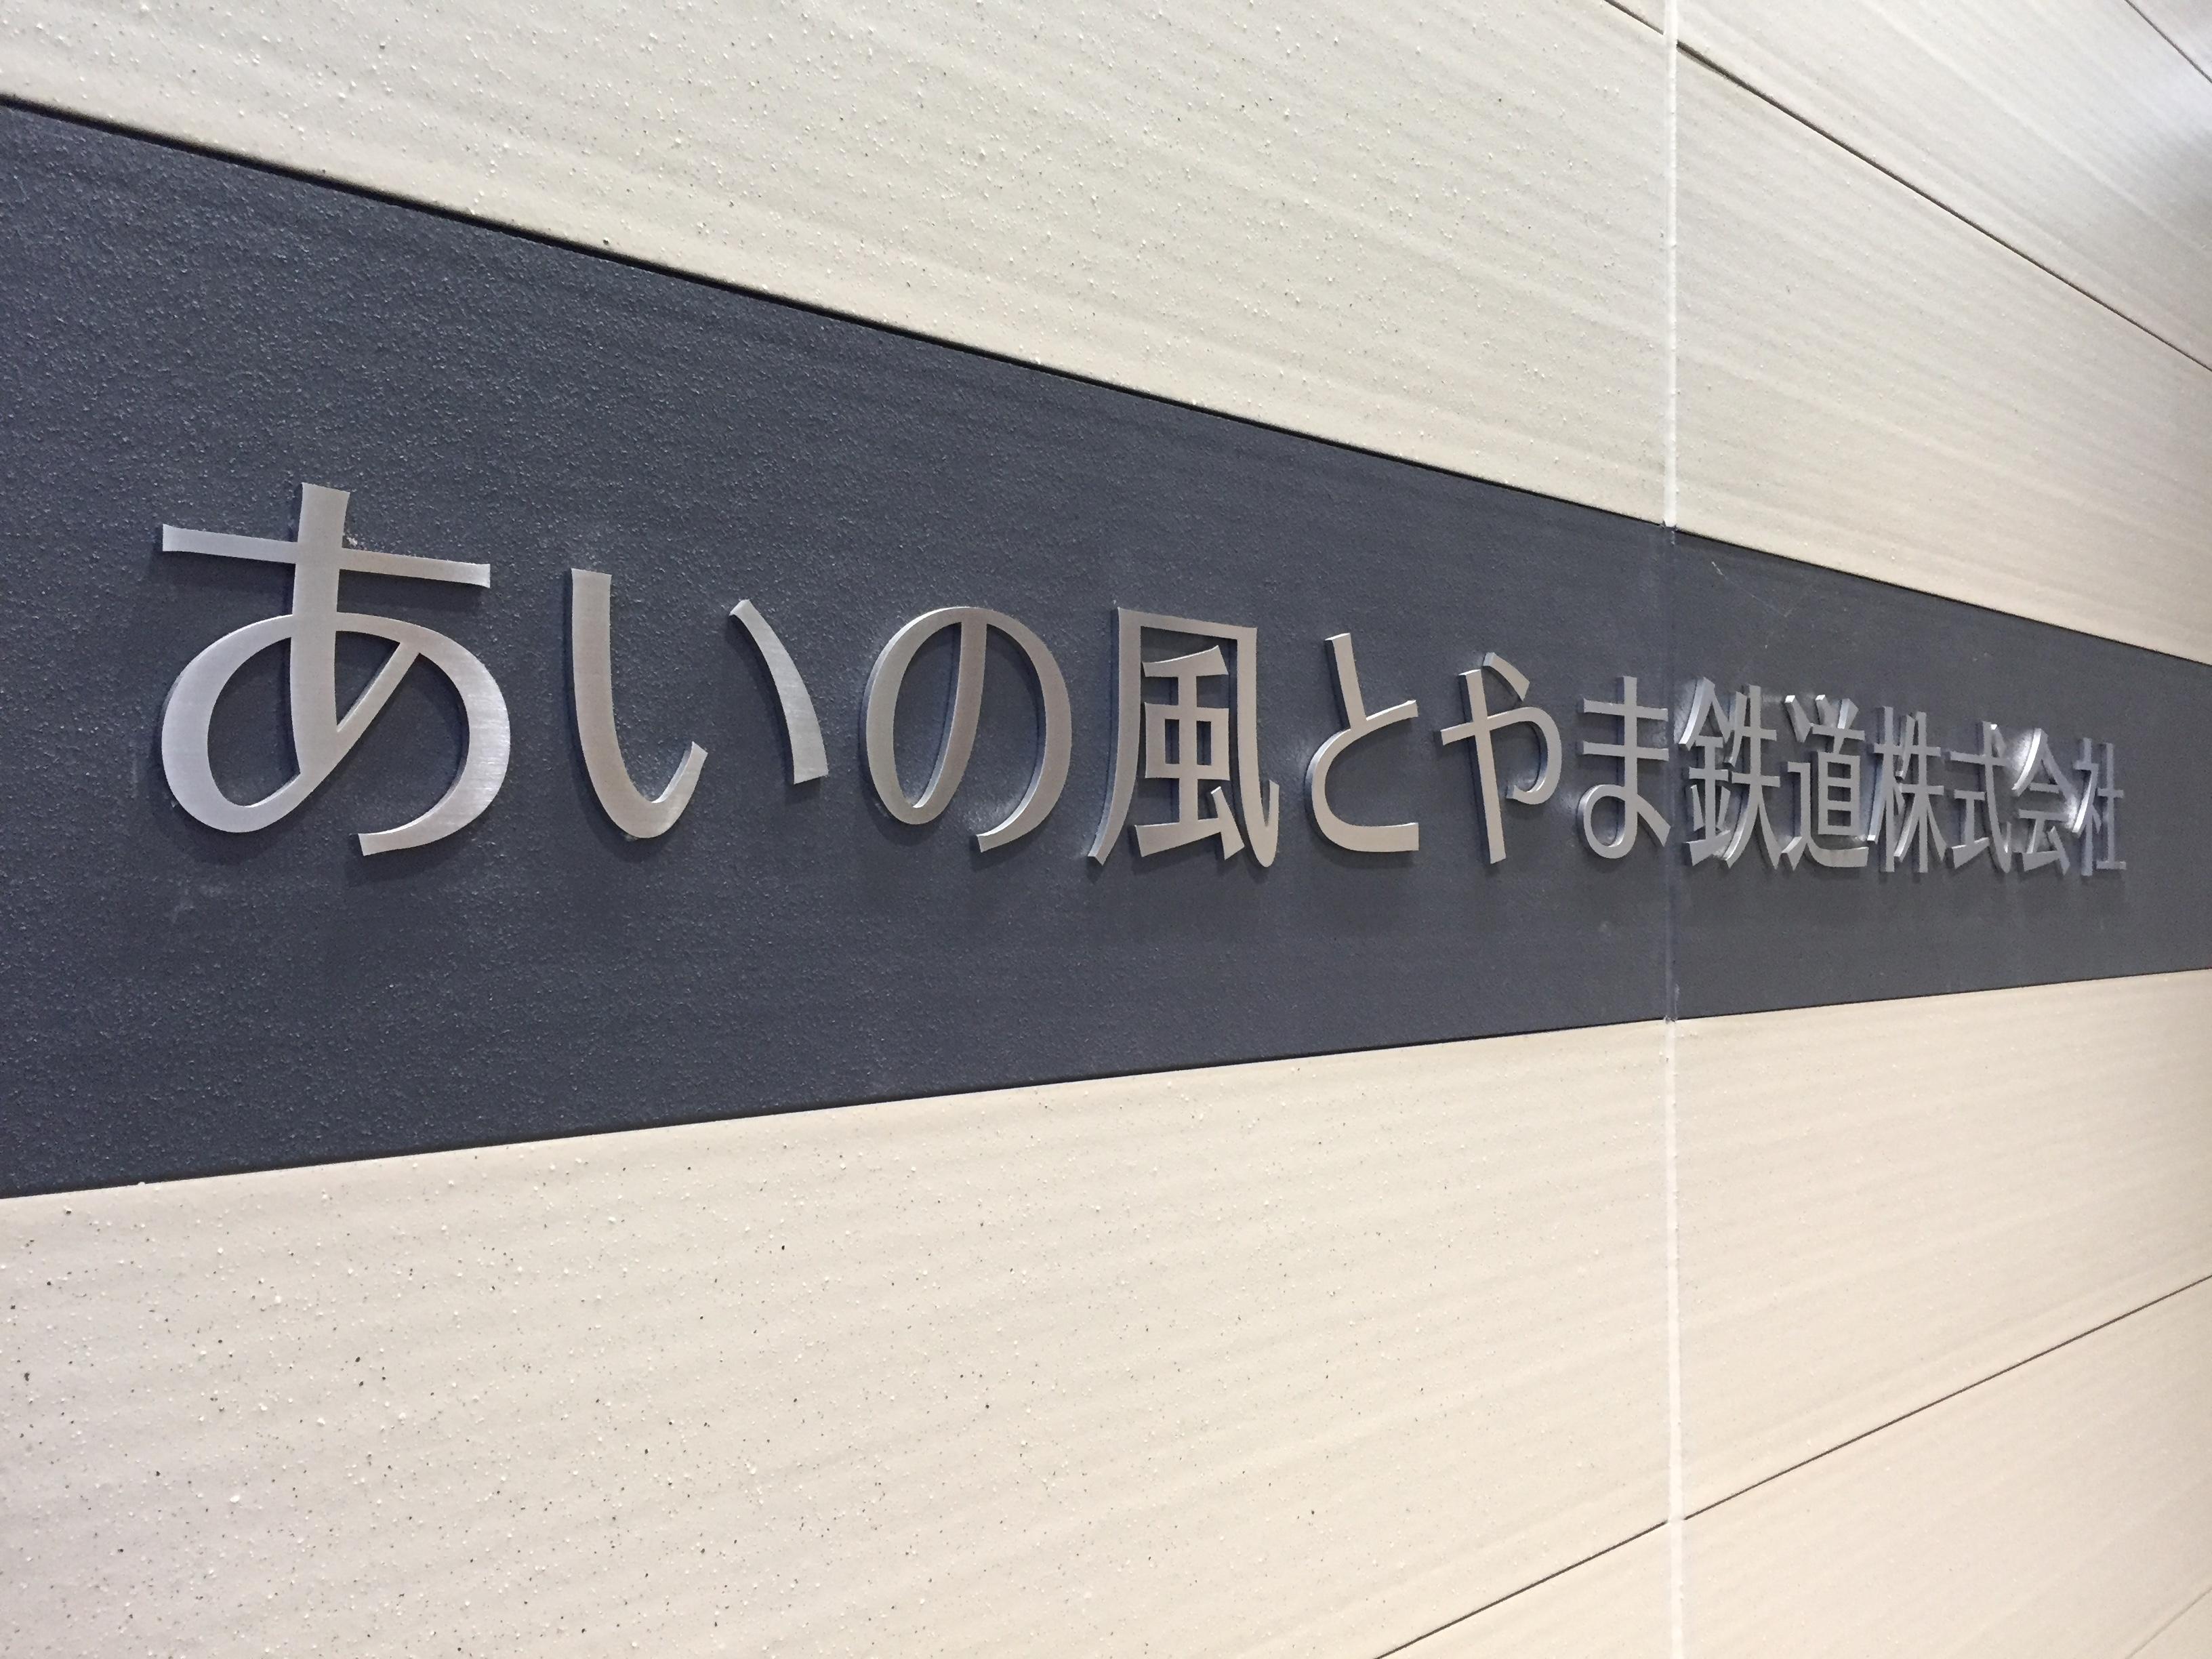 本日はあいの風とやま鉄道さんを訪問しました。